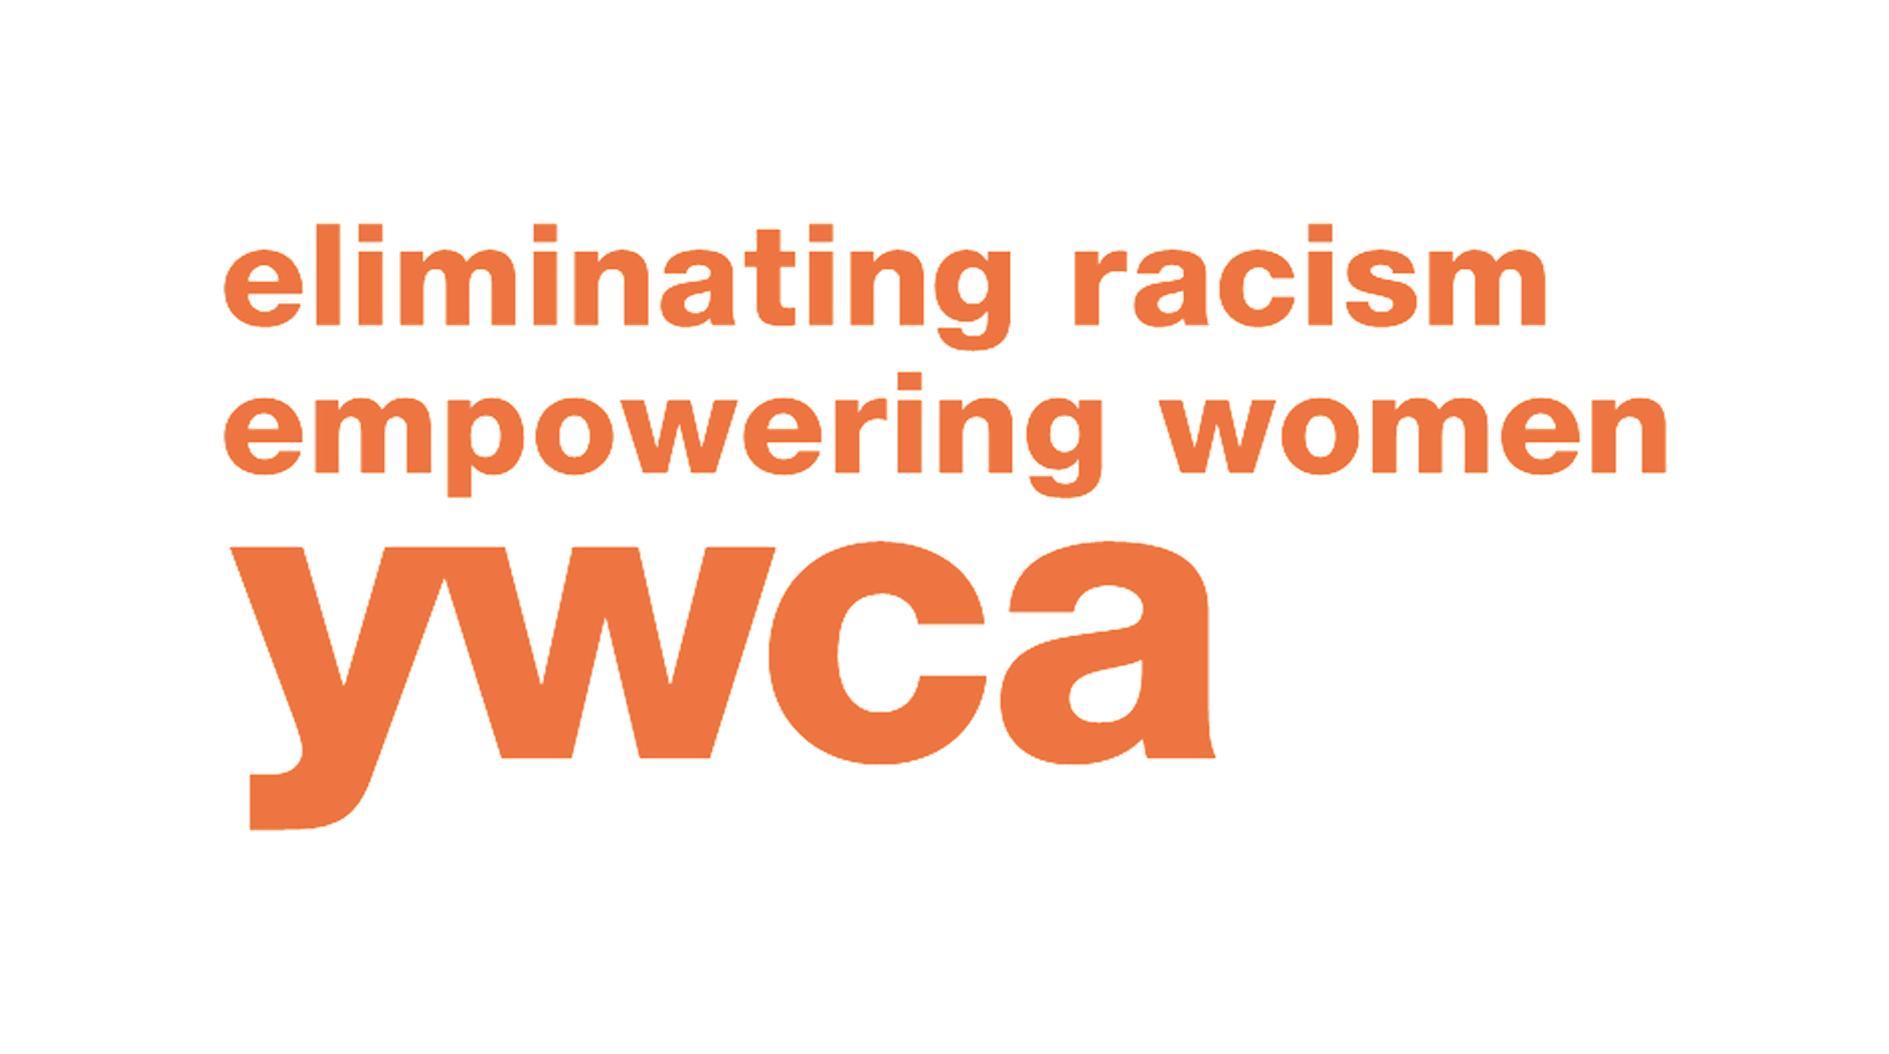 YWCA Greater Fl